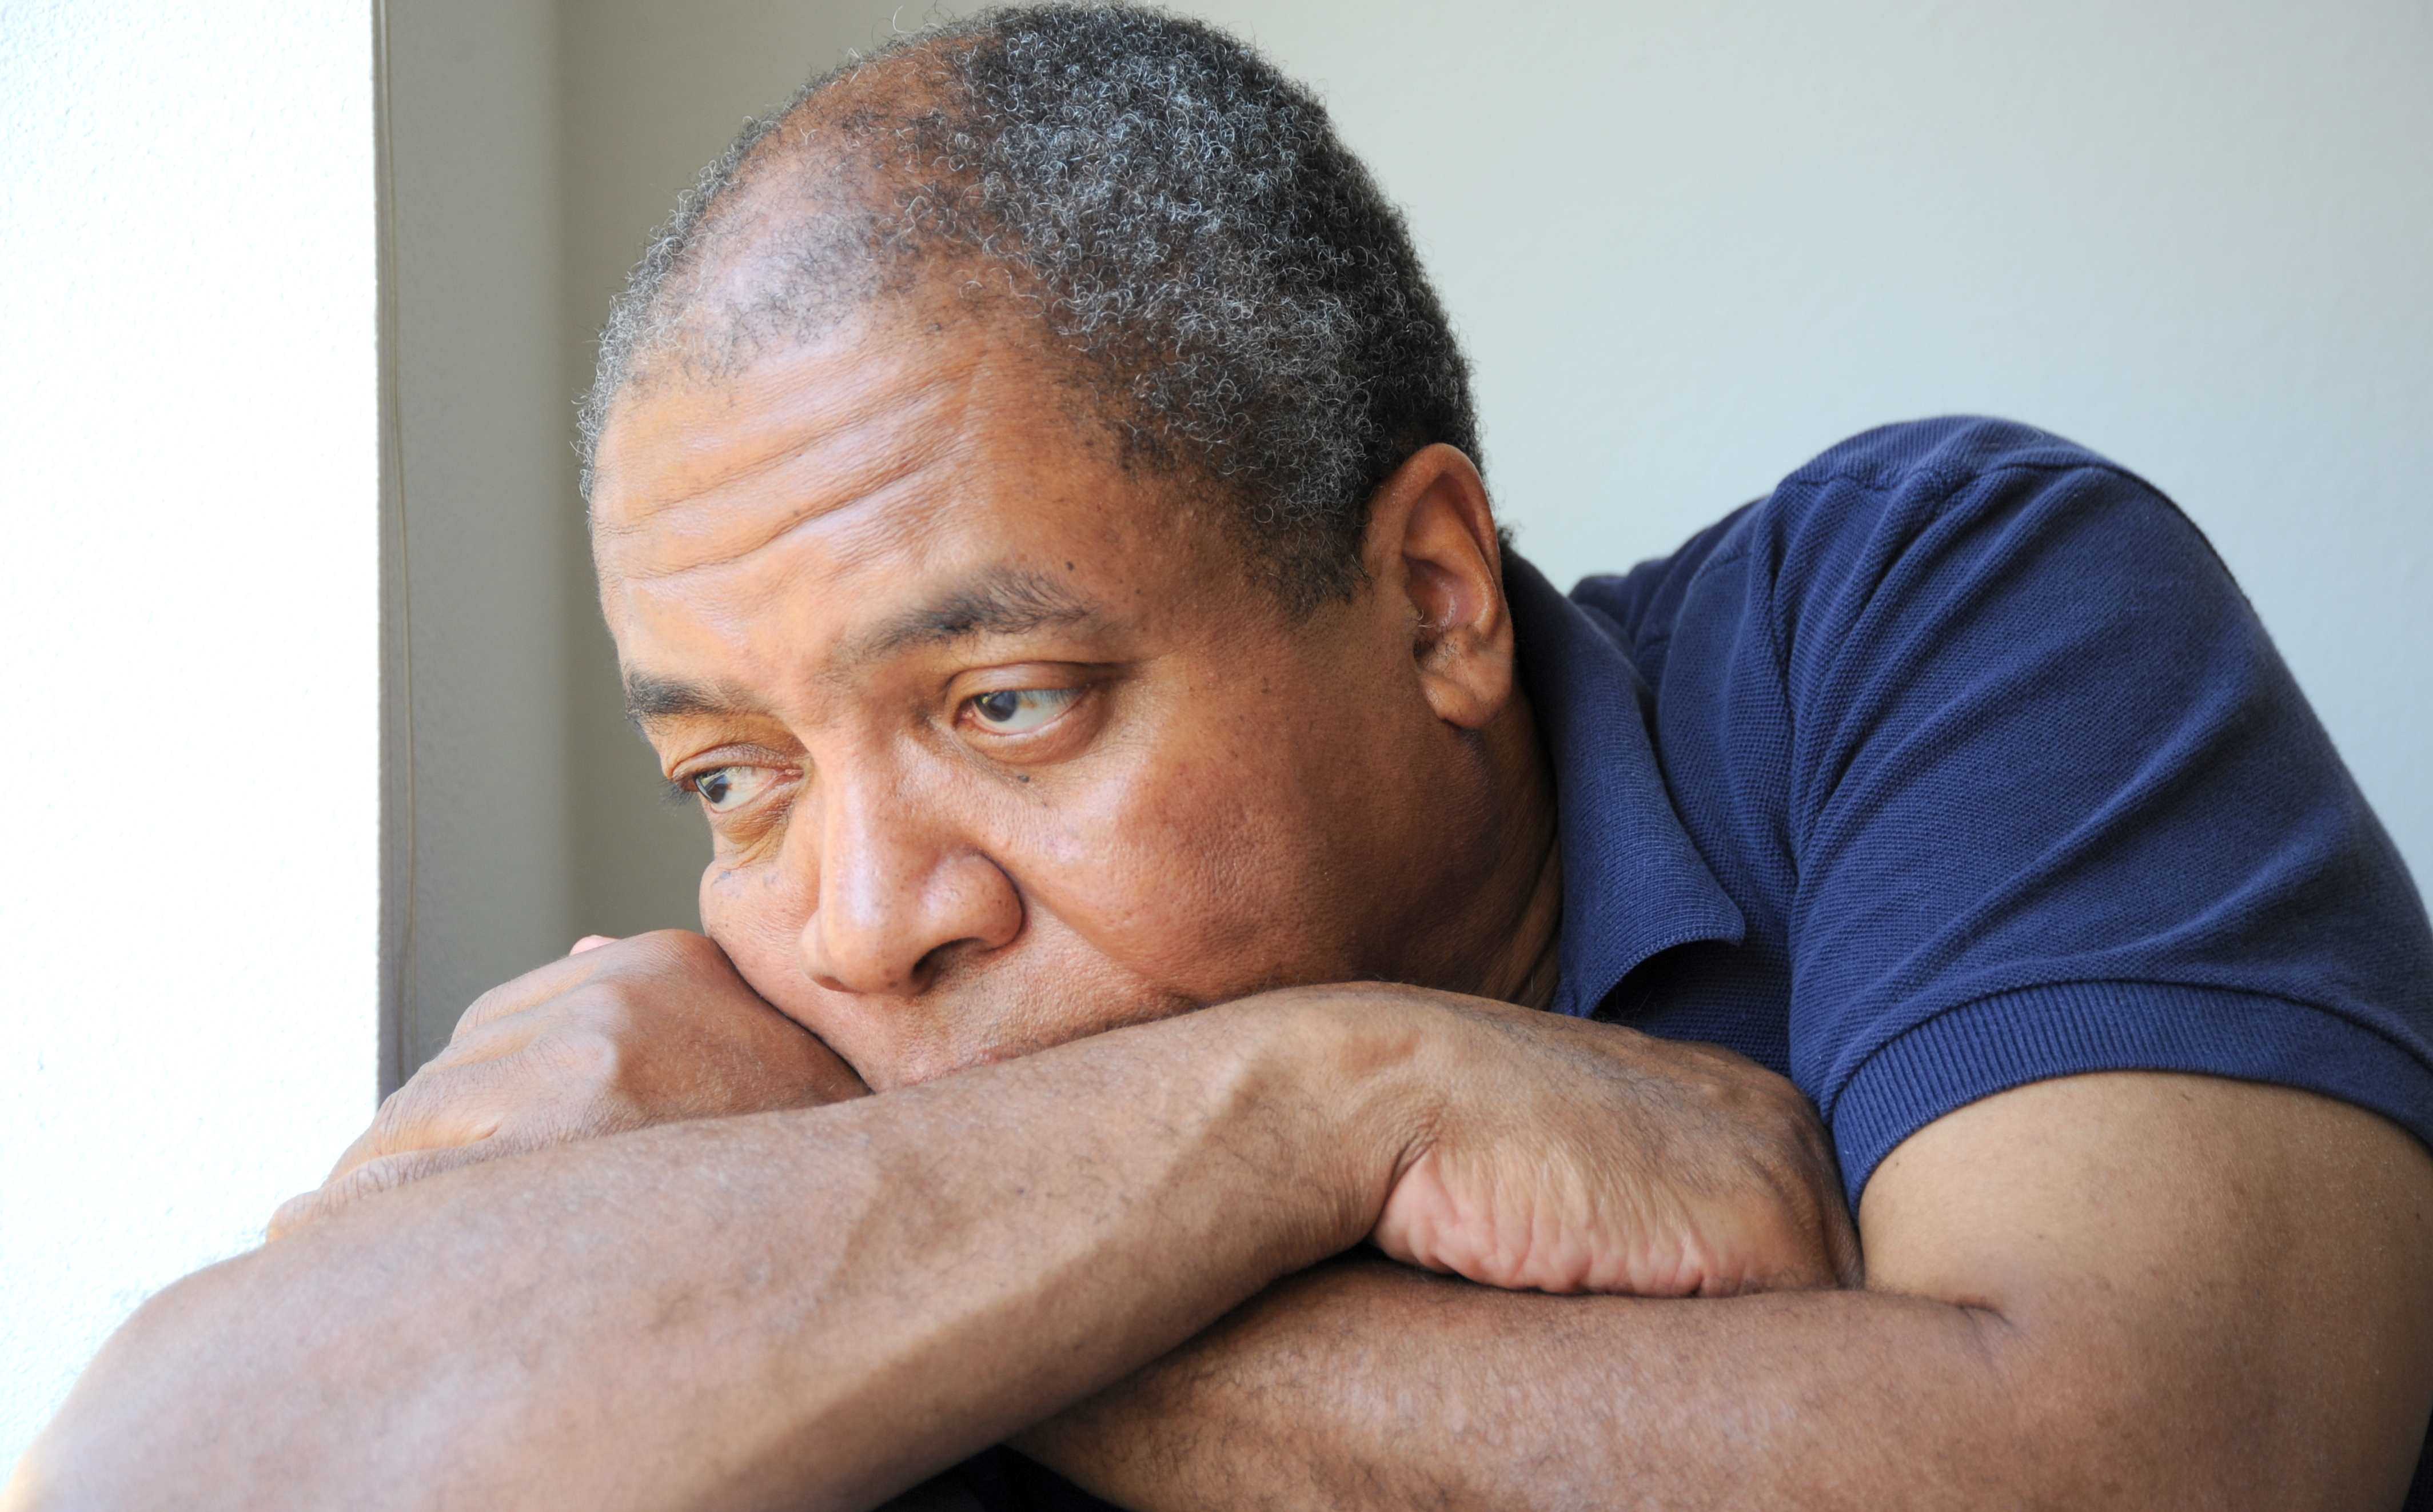 Bara 5–10 procent av de 10 000 män som årligen diagnosticeras med prostatacancer får starta behandling inom de rekommenderade 60 dagarna.